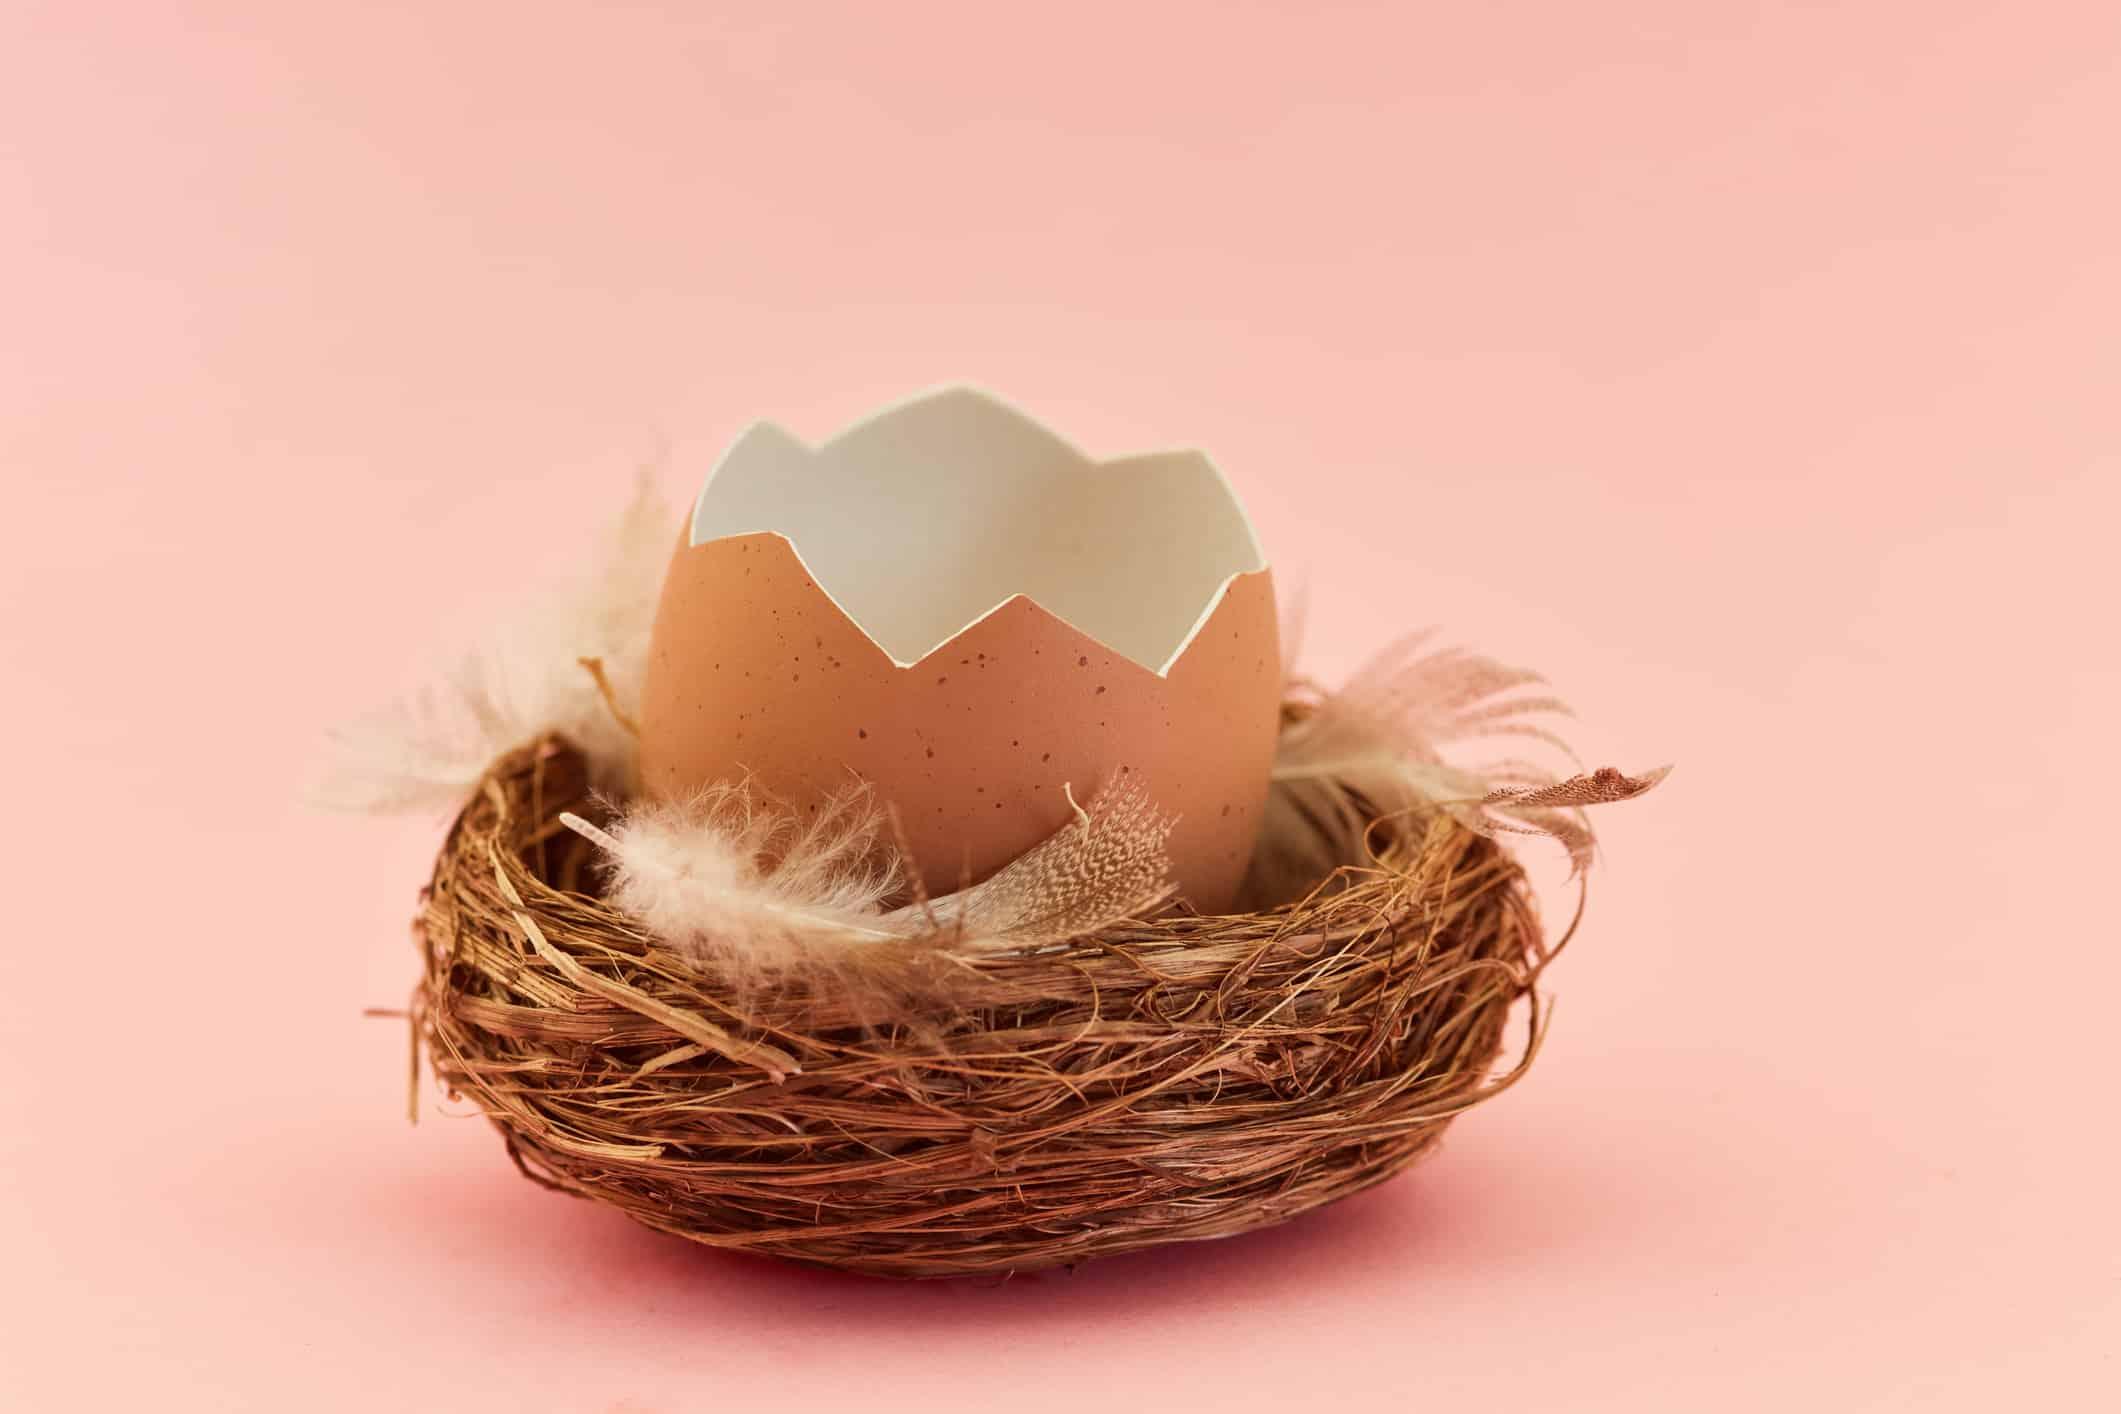 Qu'est-ce que le syndrome du nid vide et comment s'en remettre ?